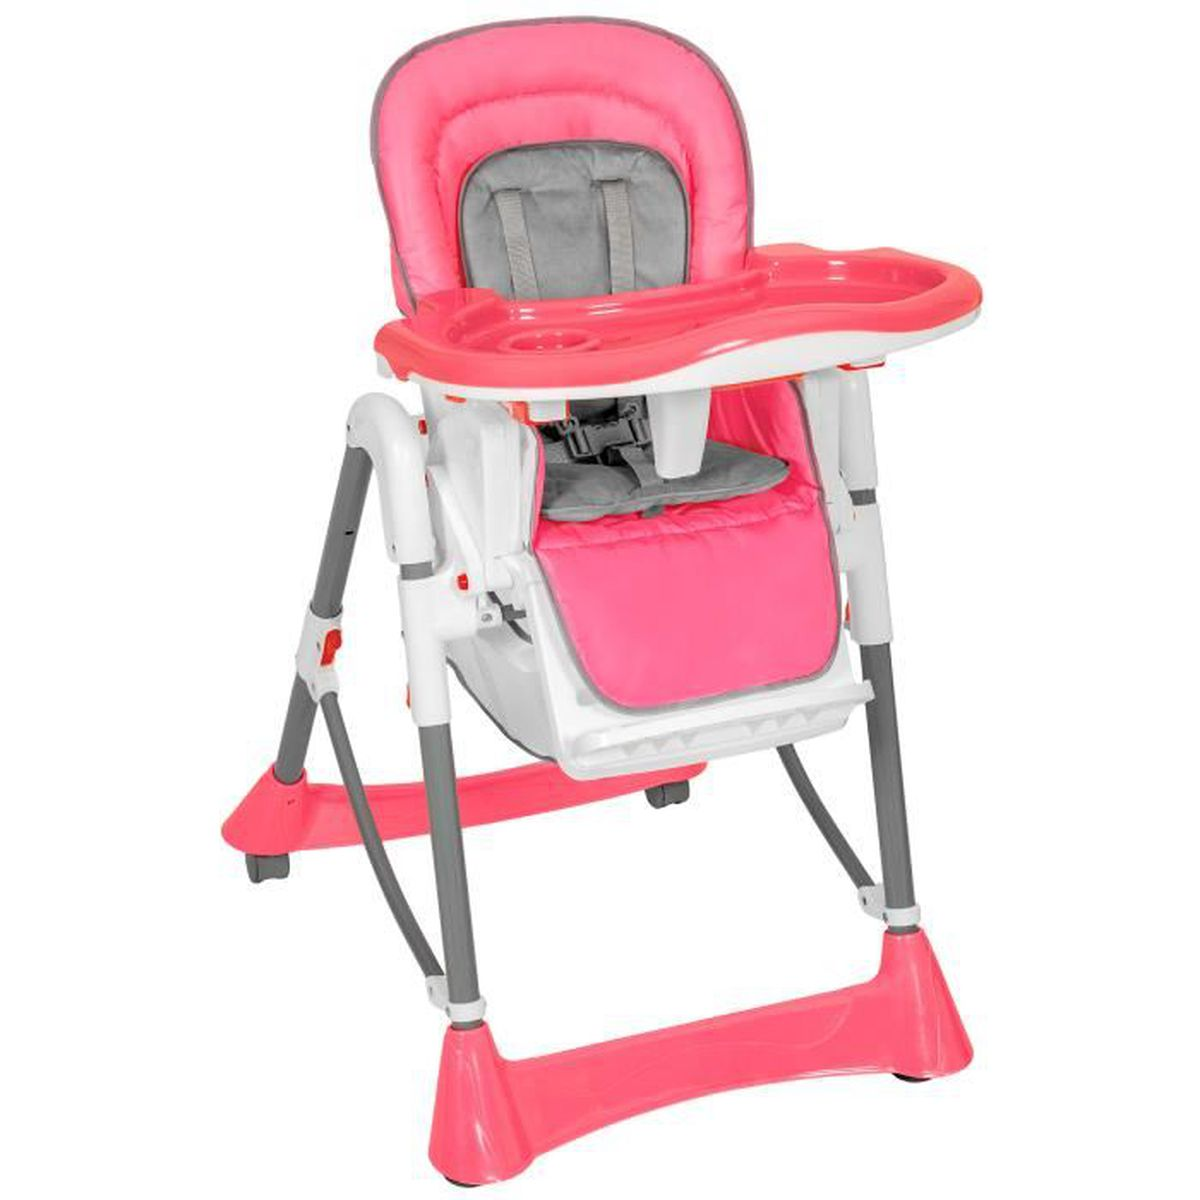 chaise haute reglable achat vente chaise haute reglable pas cher cdiscount. Black Bedroom Furniture Sets. Home Design Ideas